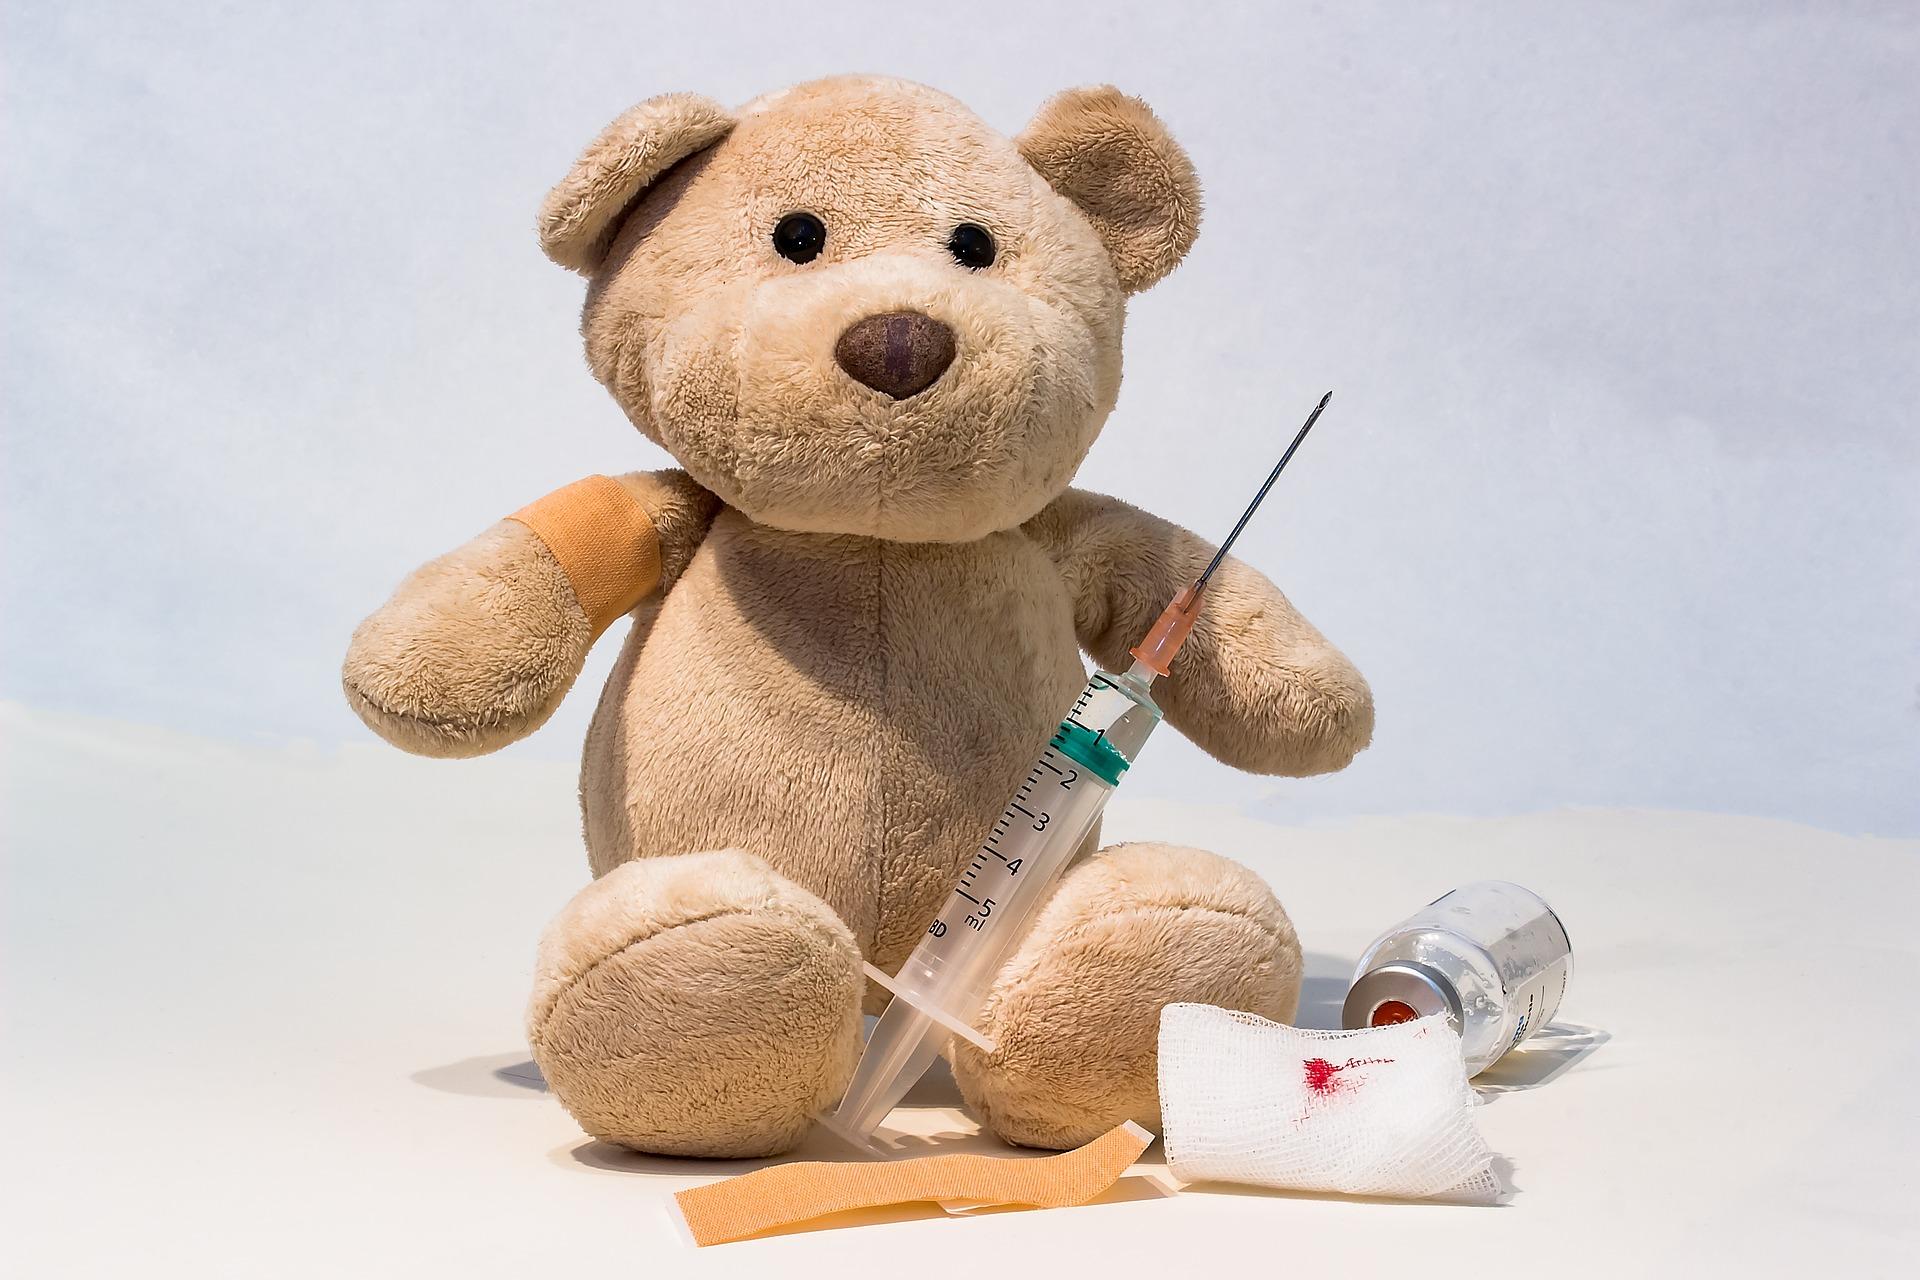 Como explicar a vacina do covid e efeitos secundários para crianças!